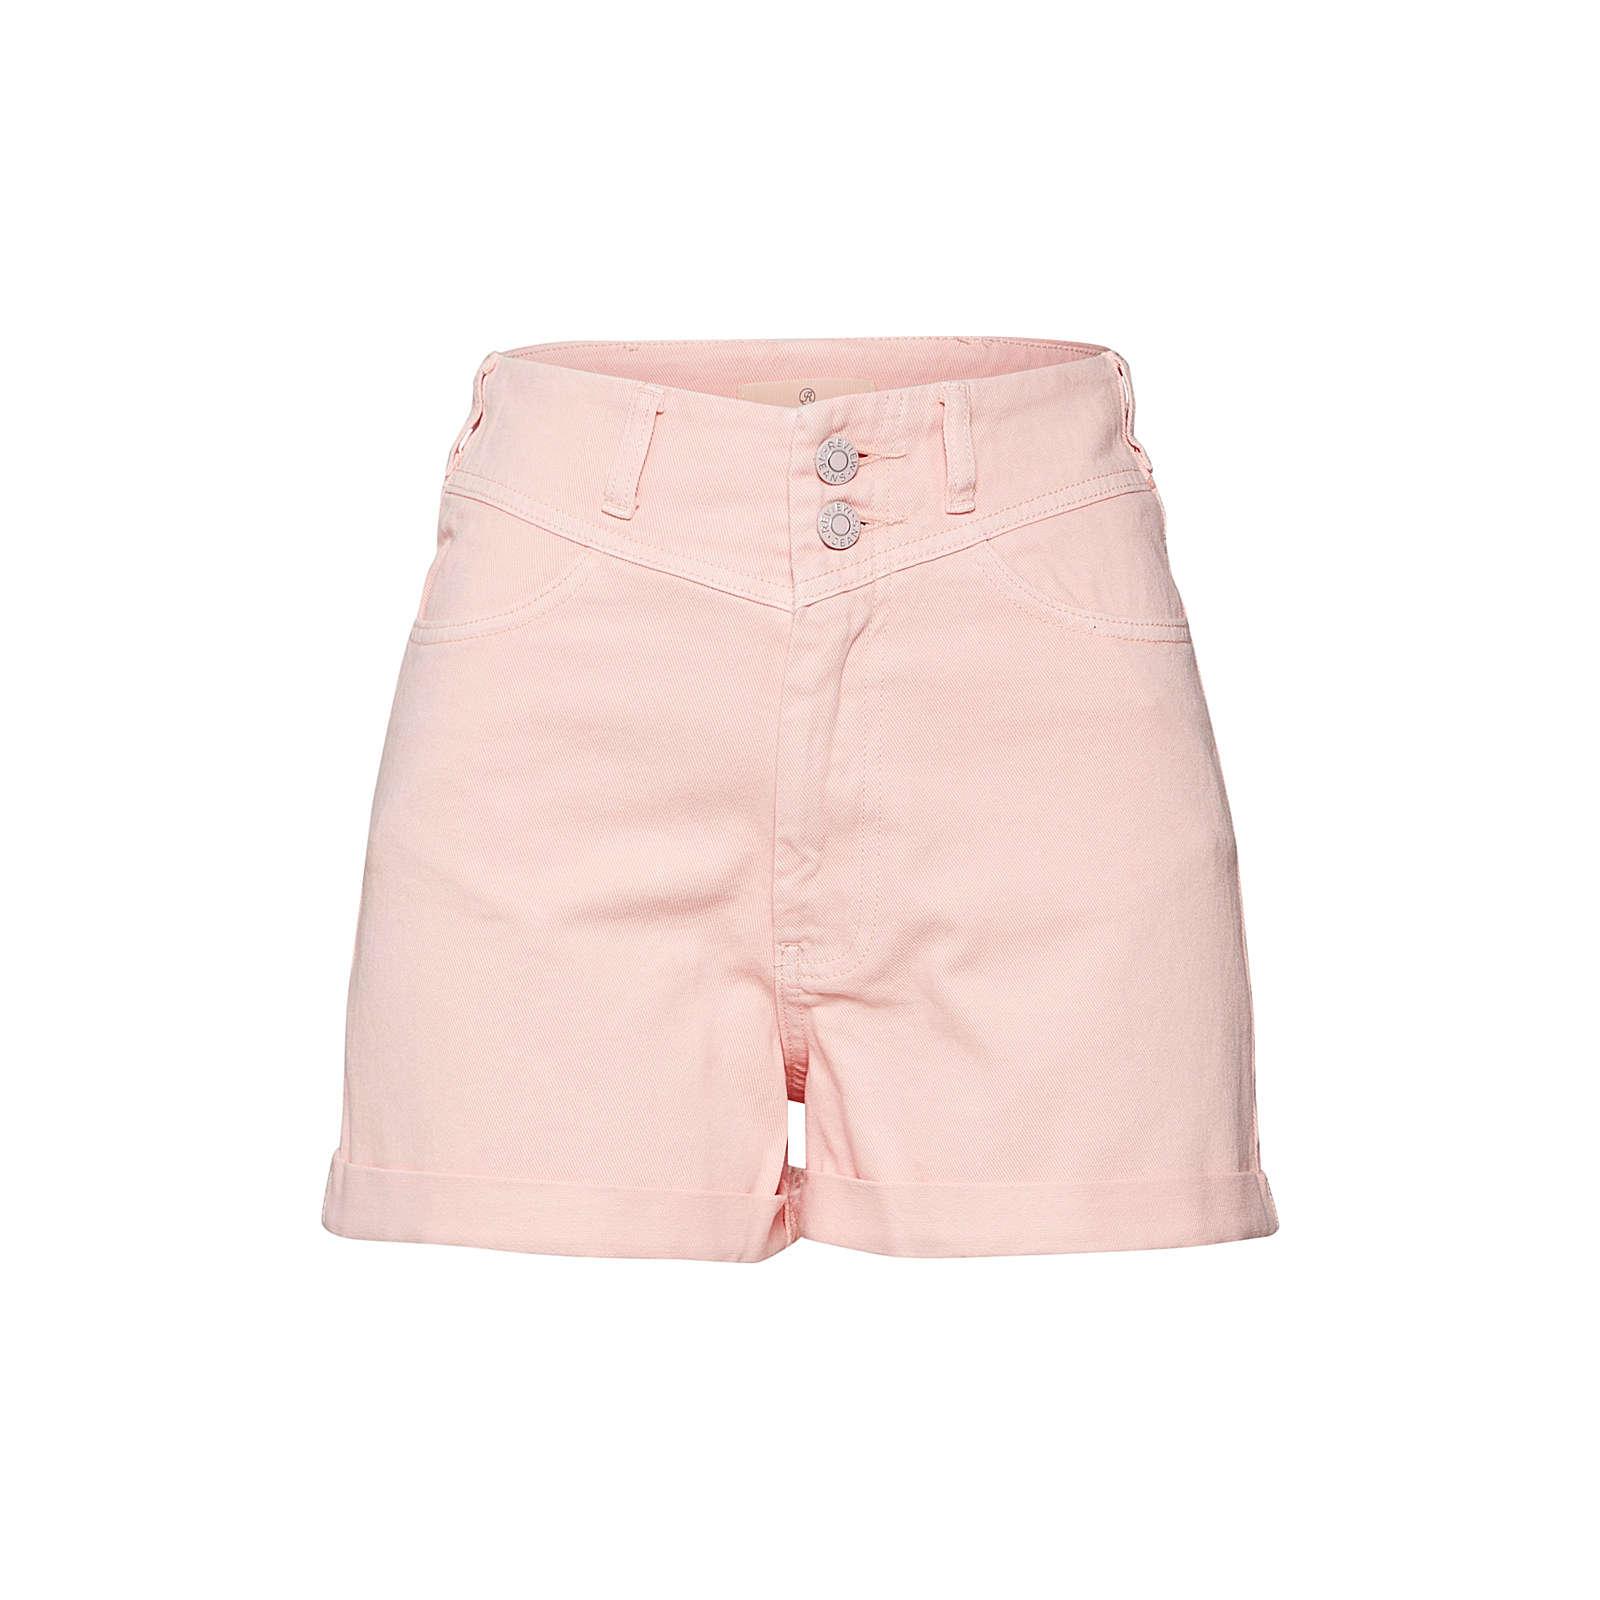 Review Jeans Jeansshorts rosa Damen Gr. 42